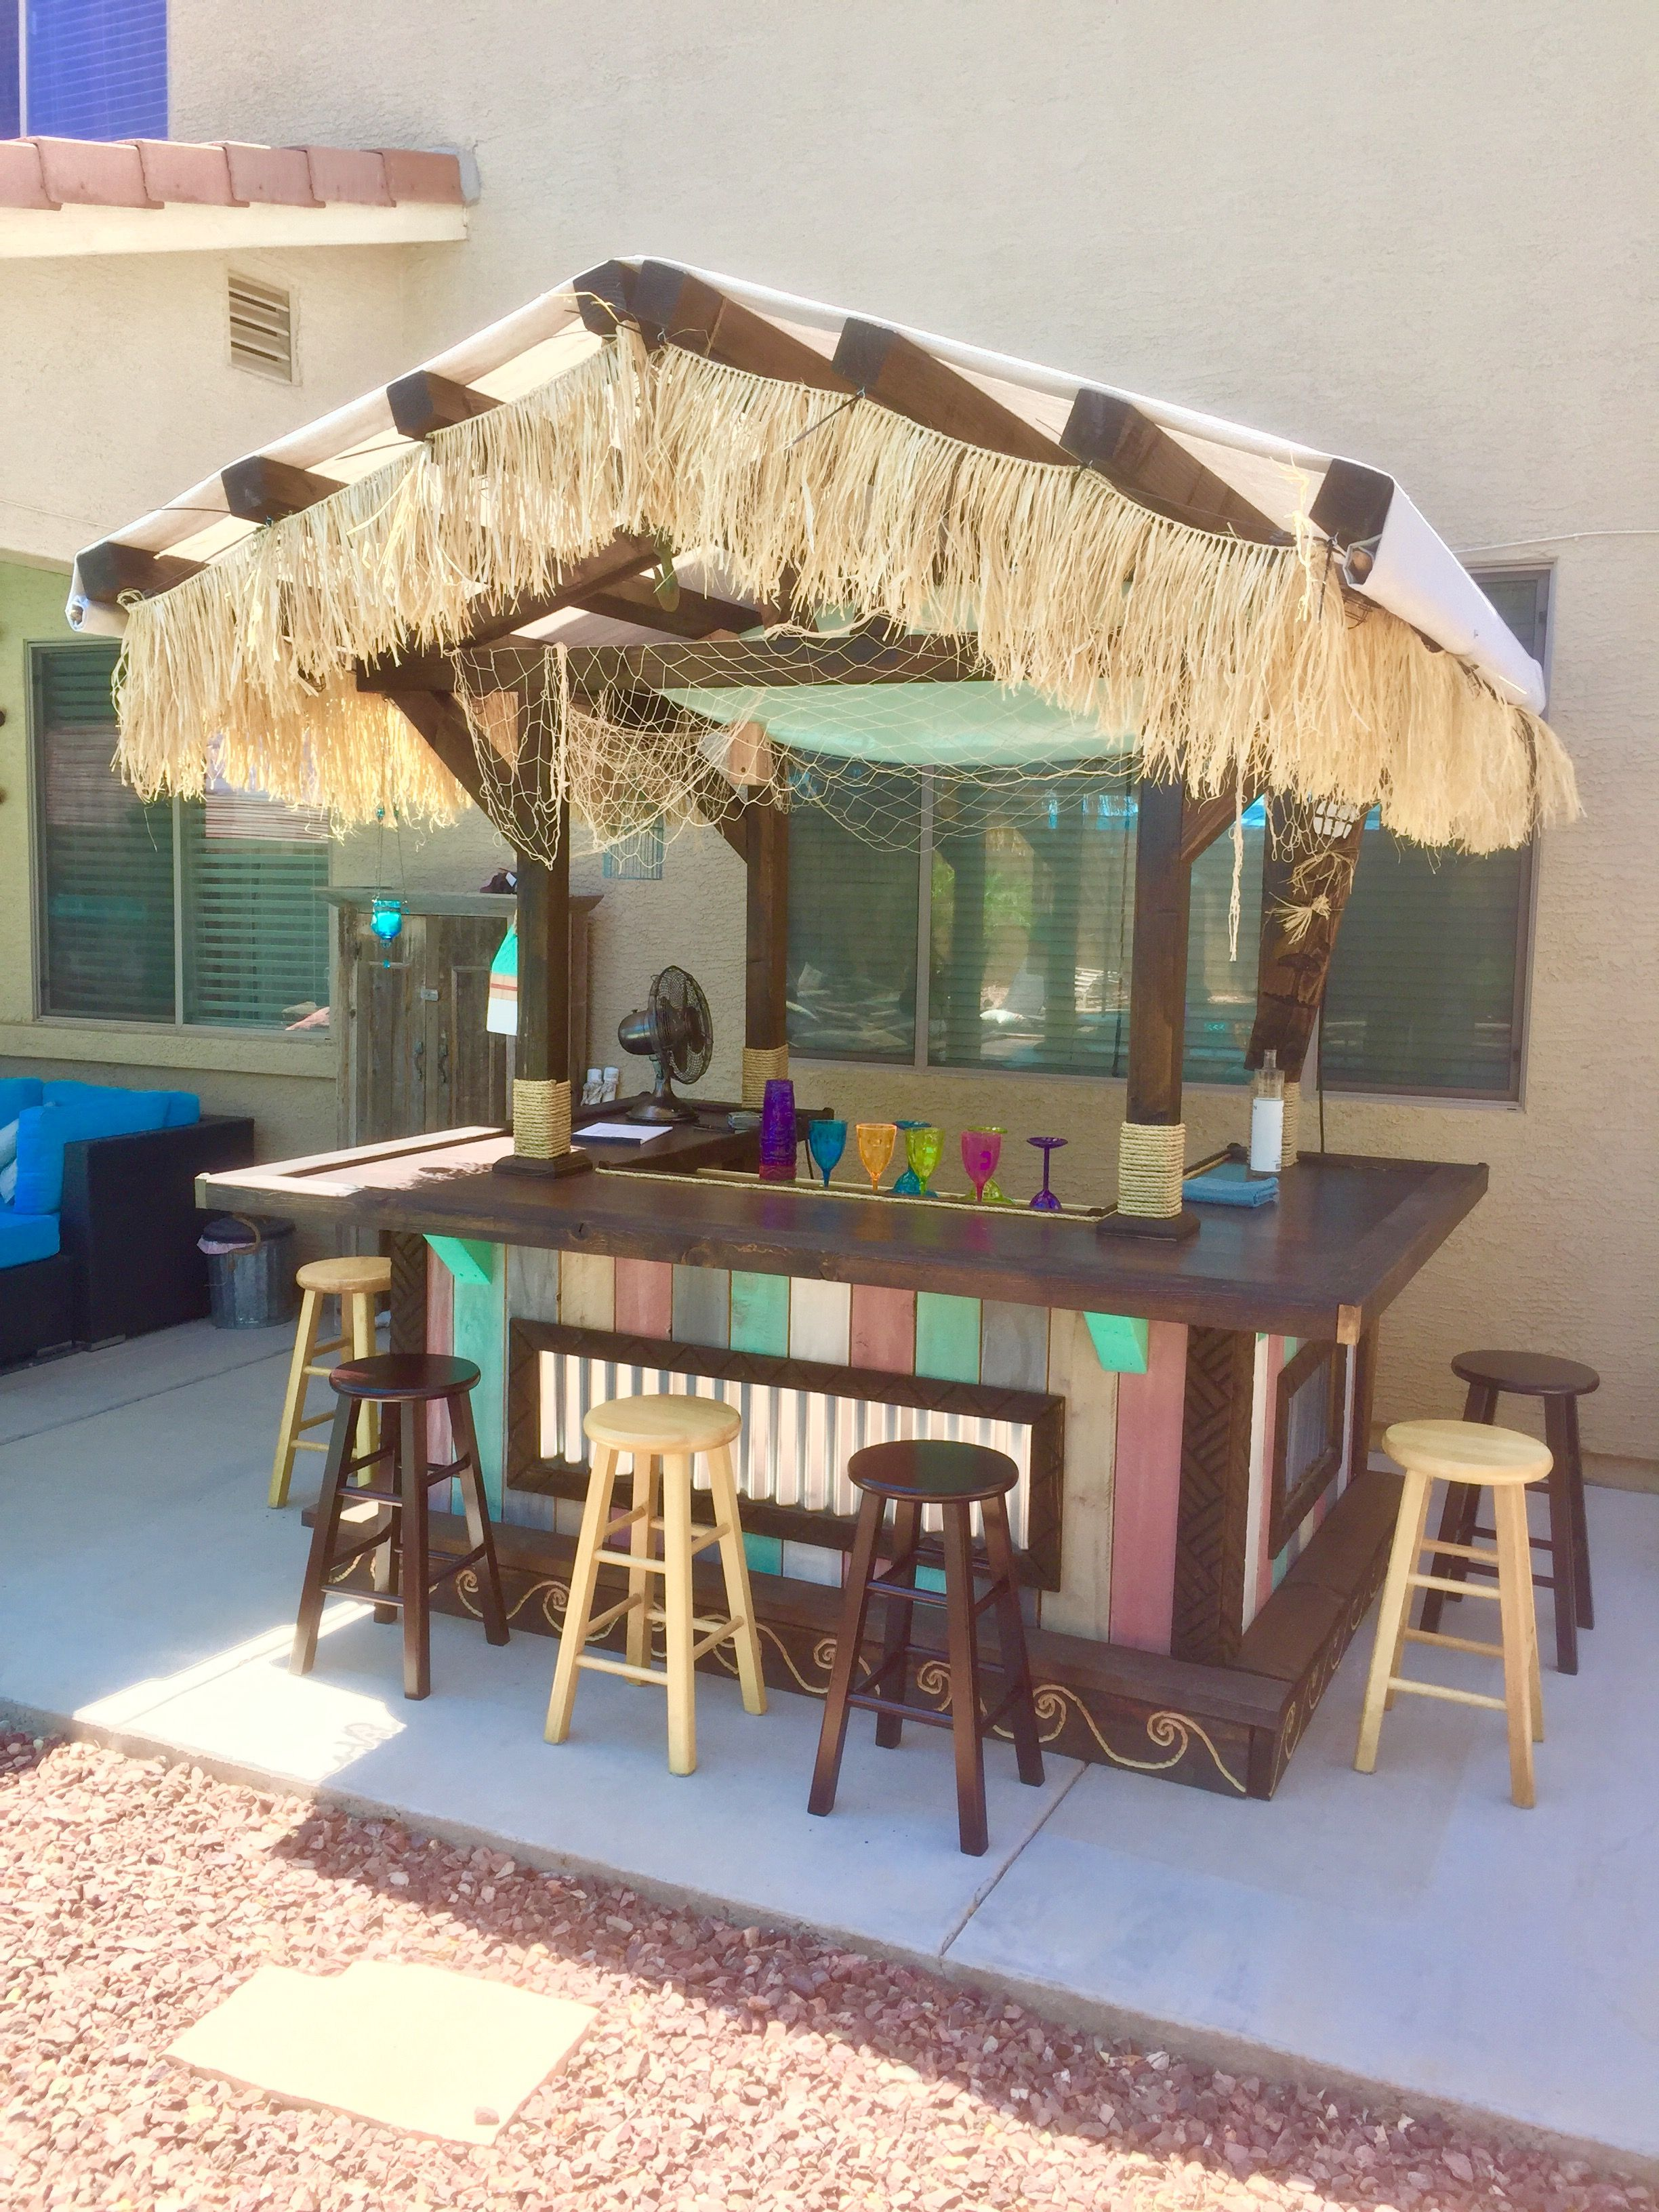 Back Yard Tiki Bar | Outdoor tiki bar, Diy outdoor bar ... on Backyard Tiki Bar For Sale id=92963